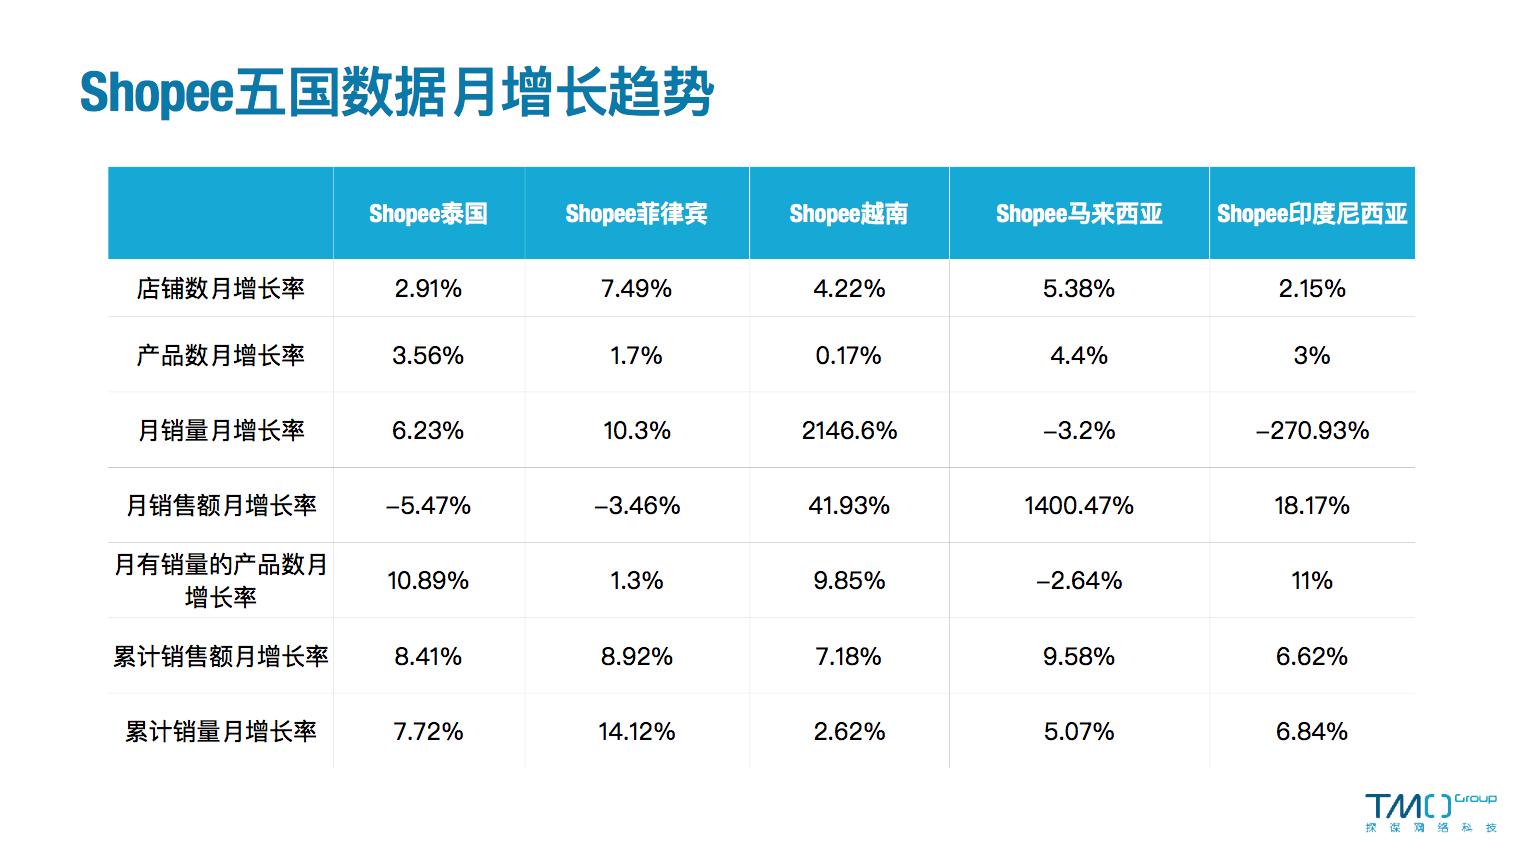 Shopee 五国数据月增长趋势-3月